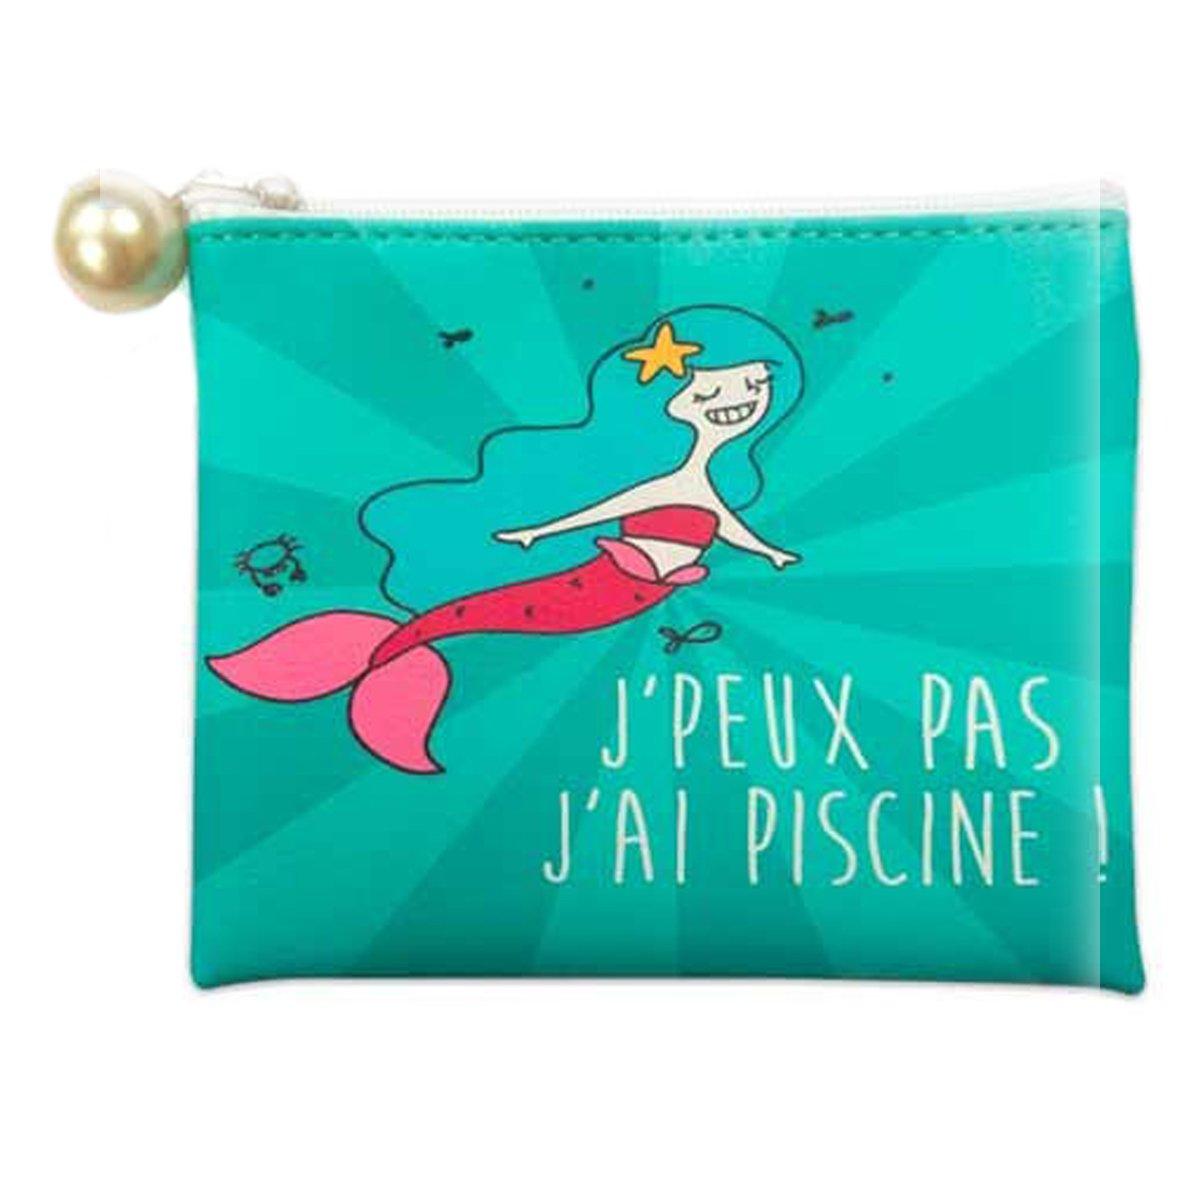 Les Tré sors De Lily [Q0870] - Porte-monnaie 'Sirè nes' turquoise (J'peux pas, j'ai piscine !) - 11.5x10 cm j' ai piscine !) - 11.5x10 cm 030801LES062018Q087000